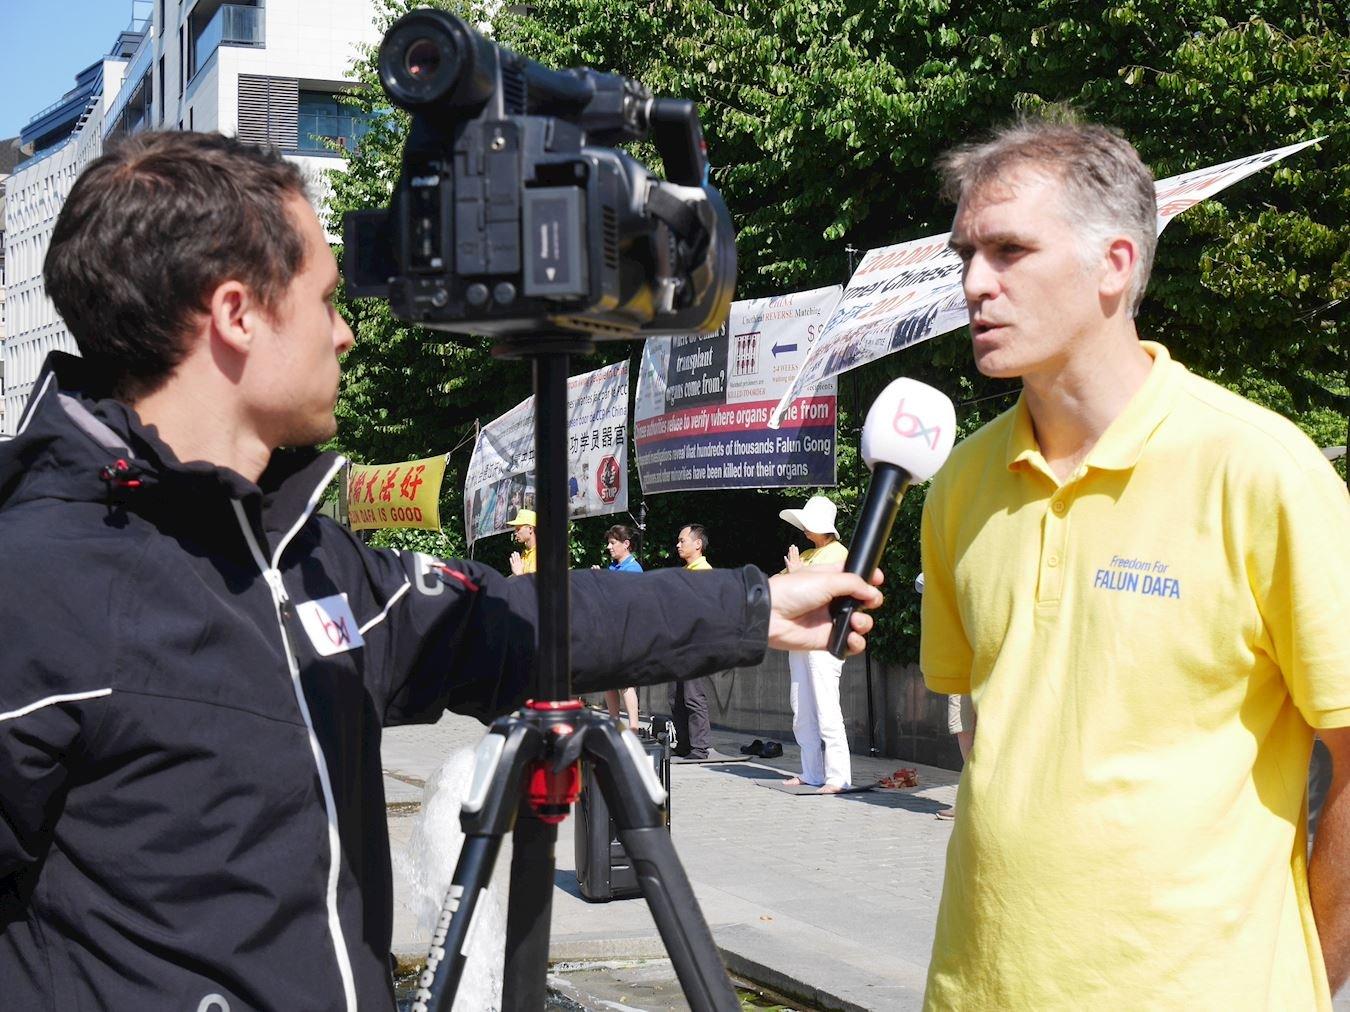 比利時媒體布魯塞爾電視台記者現場採訪法輪功學員。(明慧網)